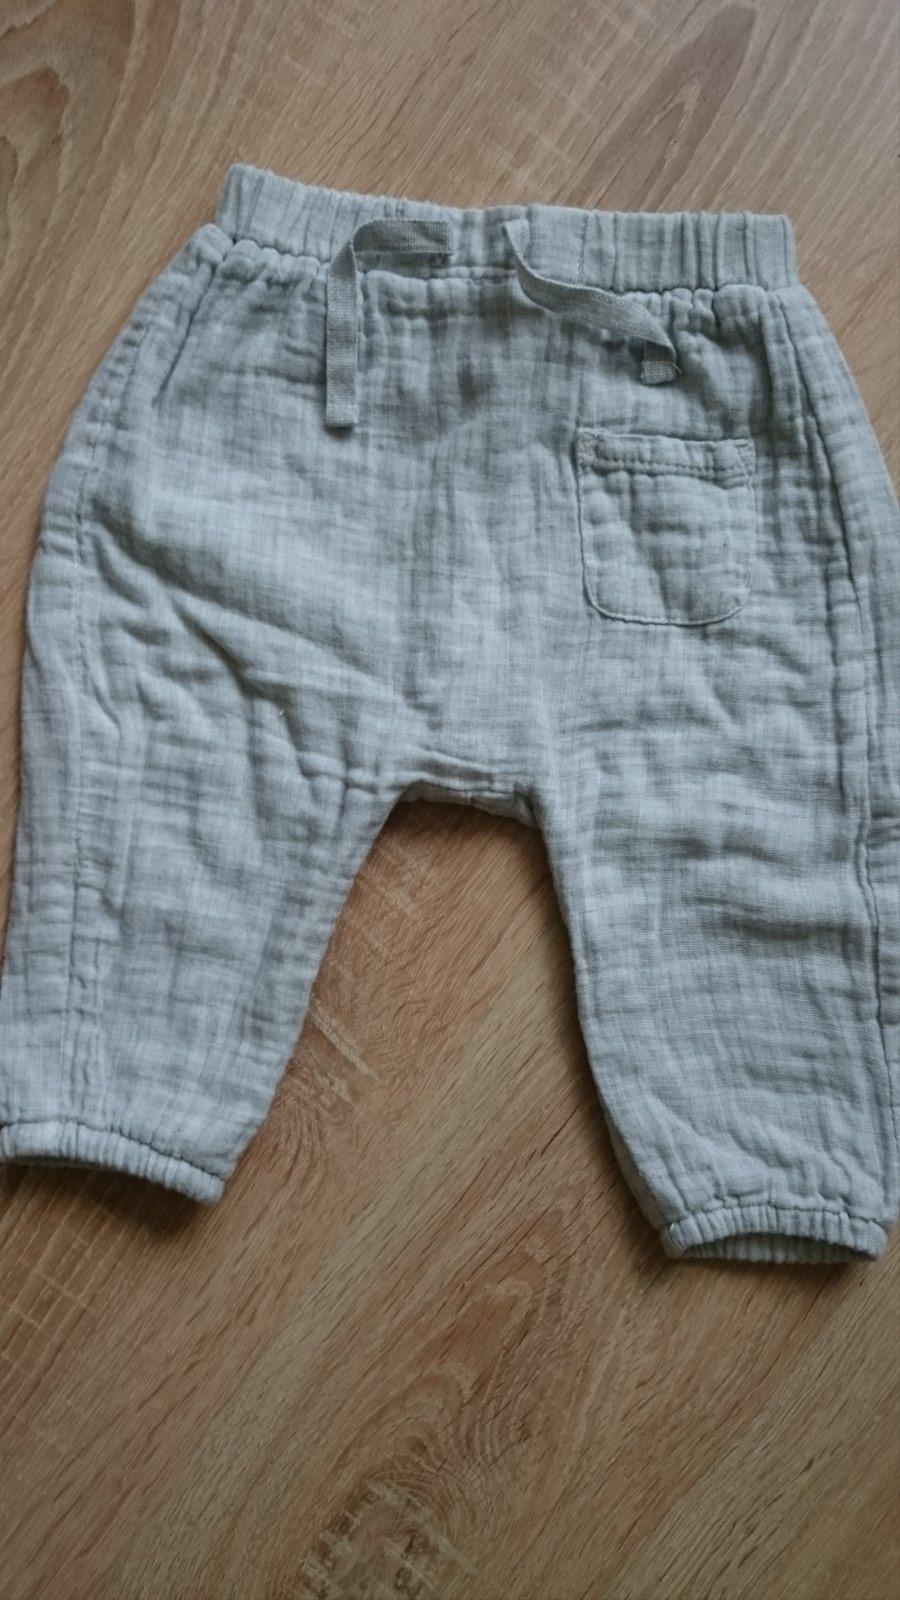 18e4ee5a04 Podsite pudlove nohavice